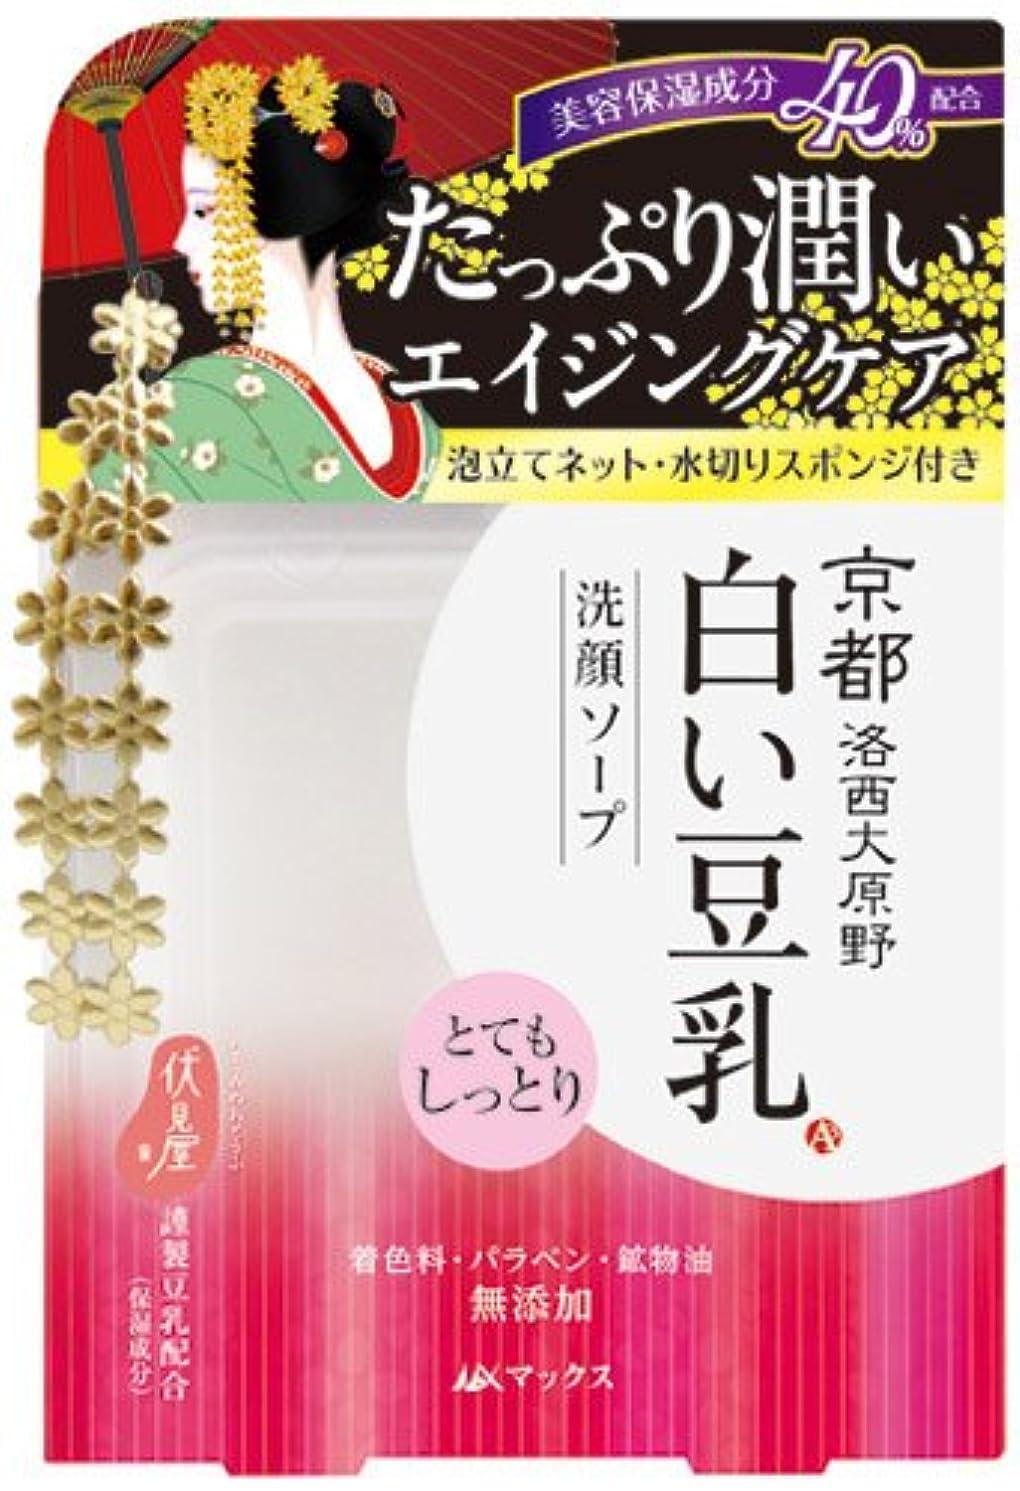 見込みさびた破壊する京都 白い豆乳 洗顔ソープ 100g